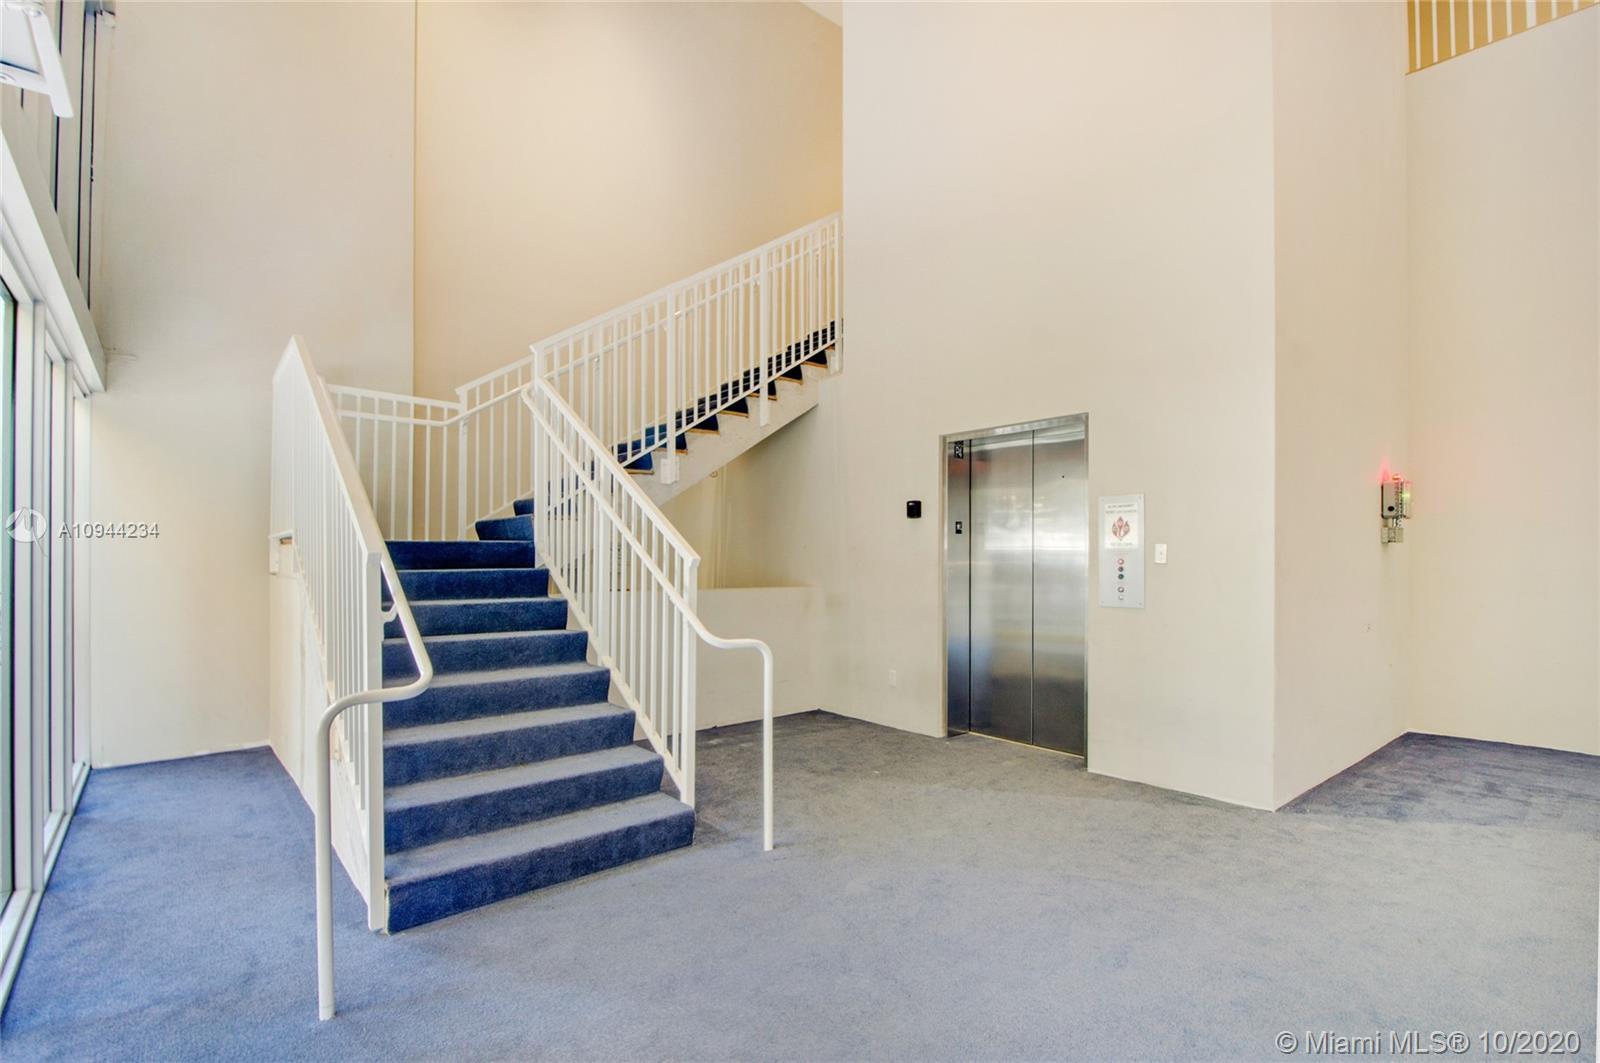 151 SE 1st St # 3, Miami, Florida 33131, ,Commercial Sale,For Sale,151 SE 1st St # 3,A10944234